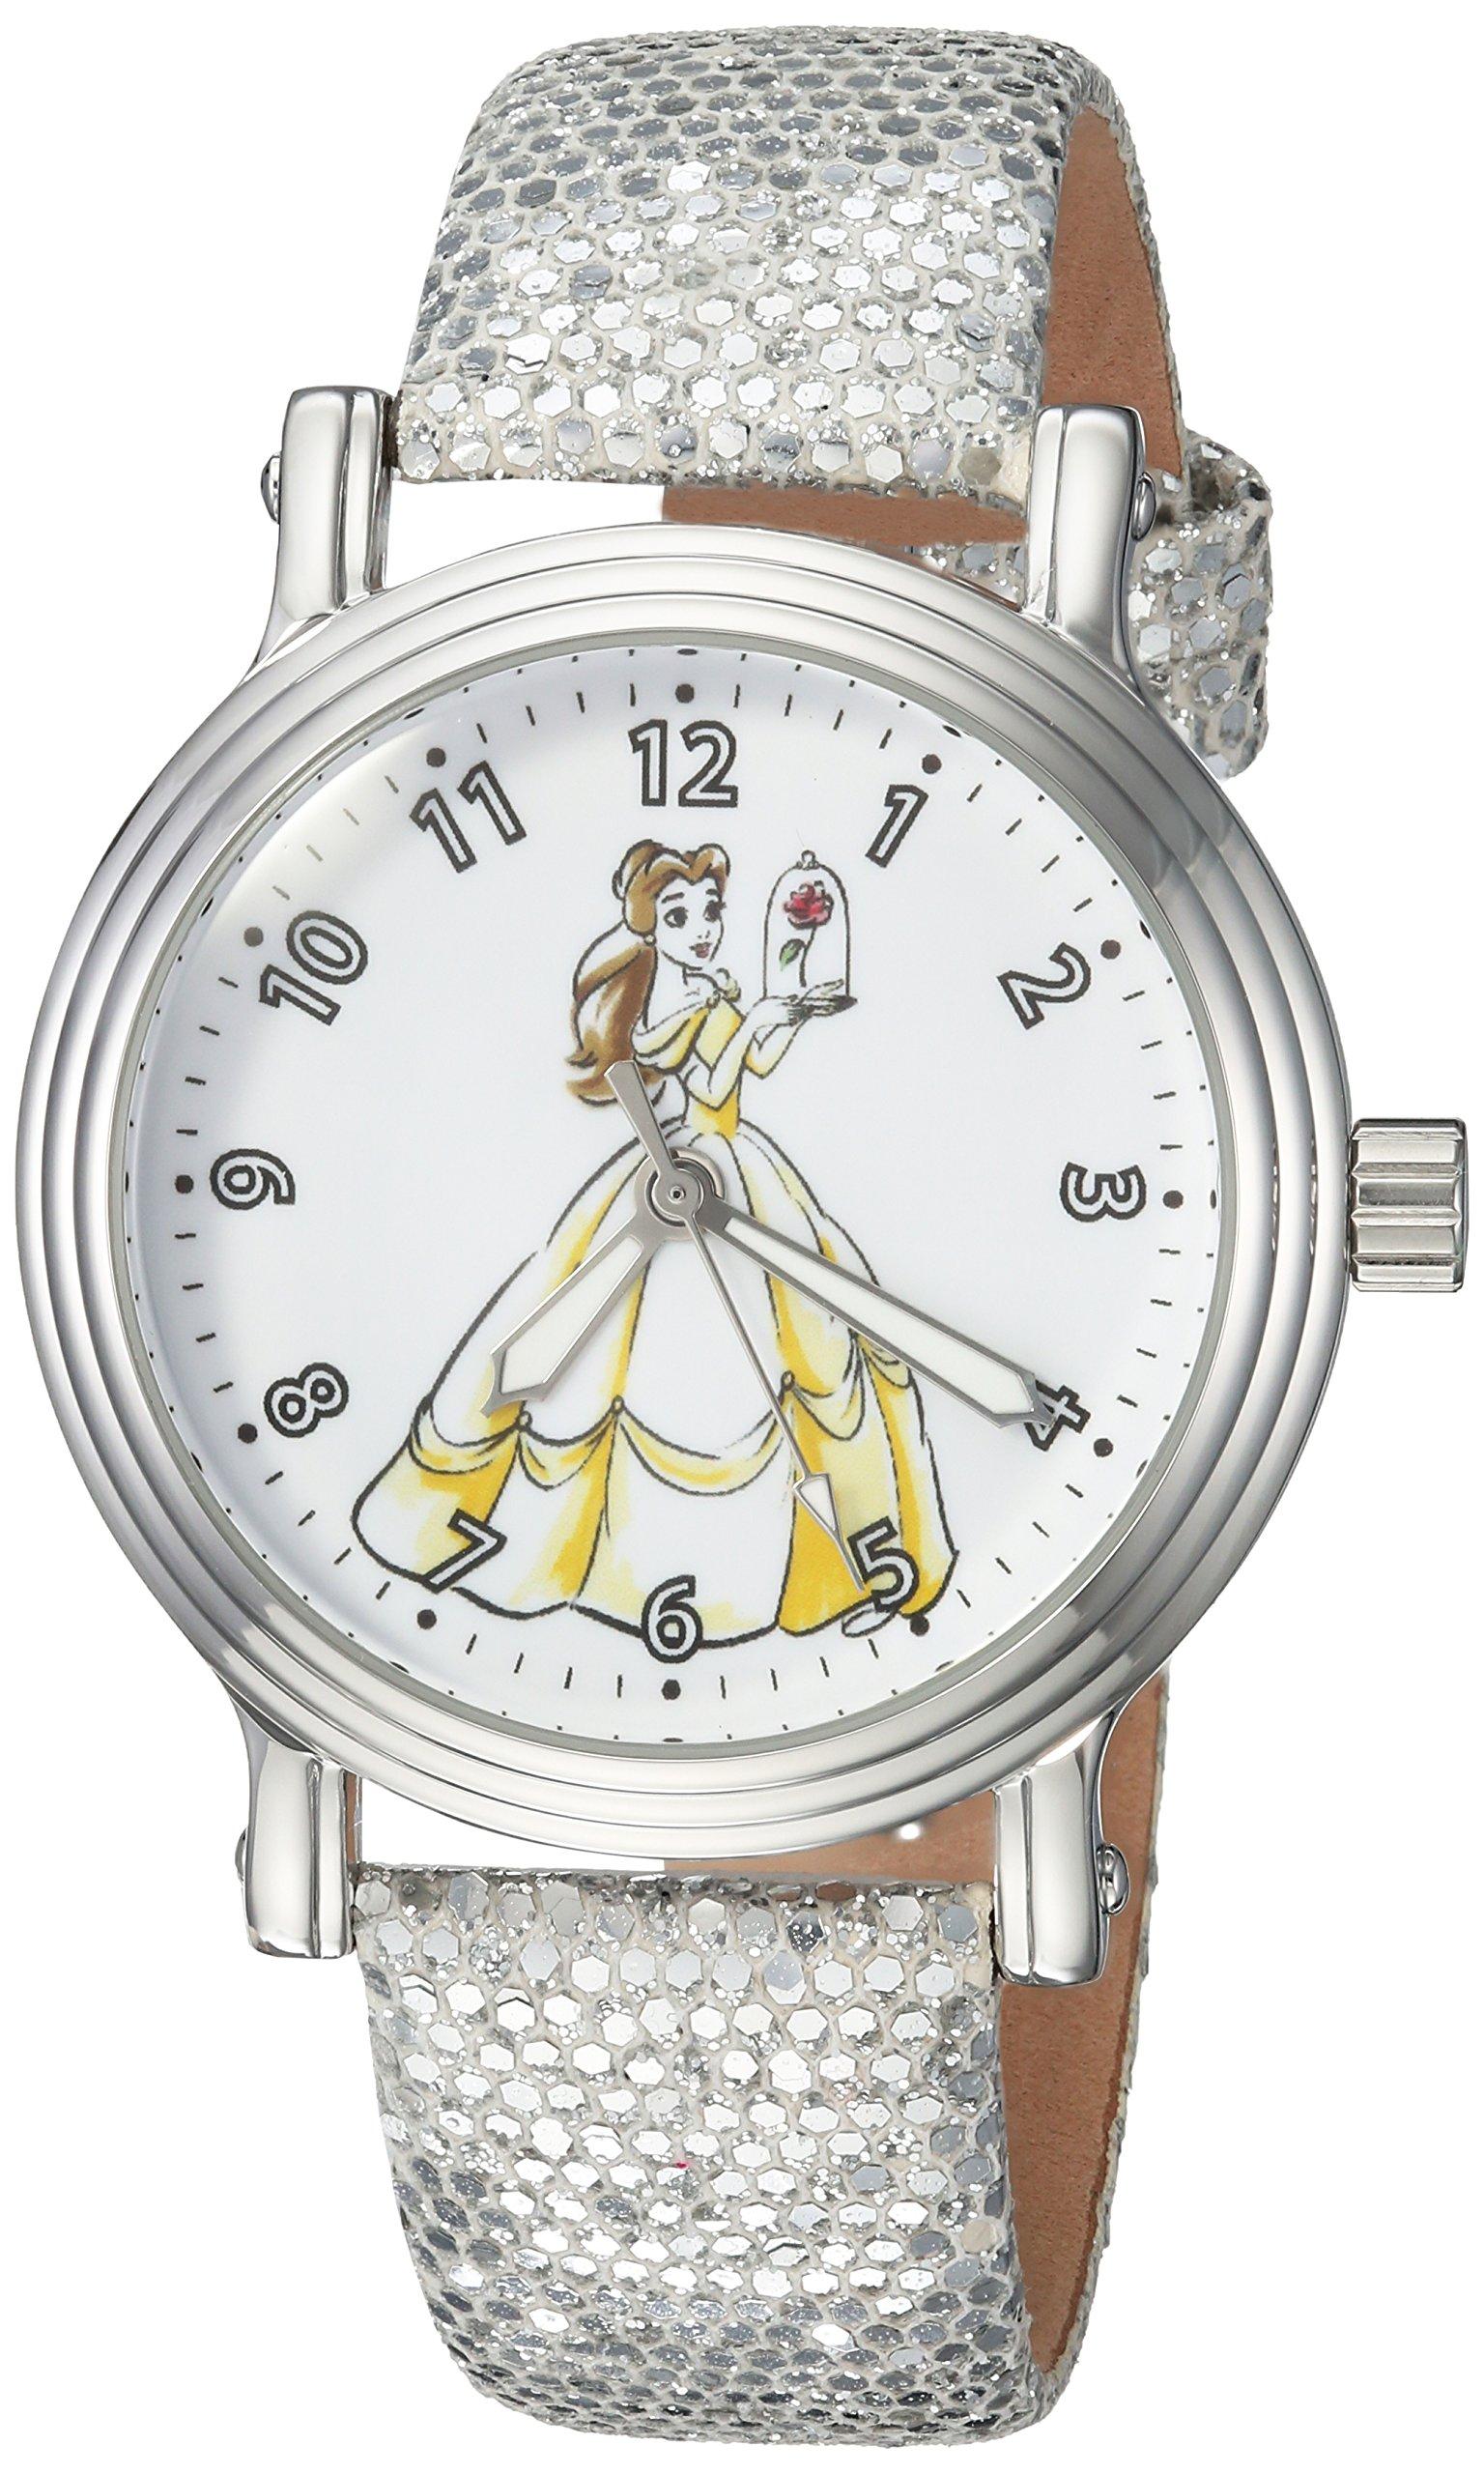 DISNEY Women's Princess Belle' Quartz Metal Casual Watch, Color:Silver-Toned (Model: WDS000238)